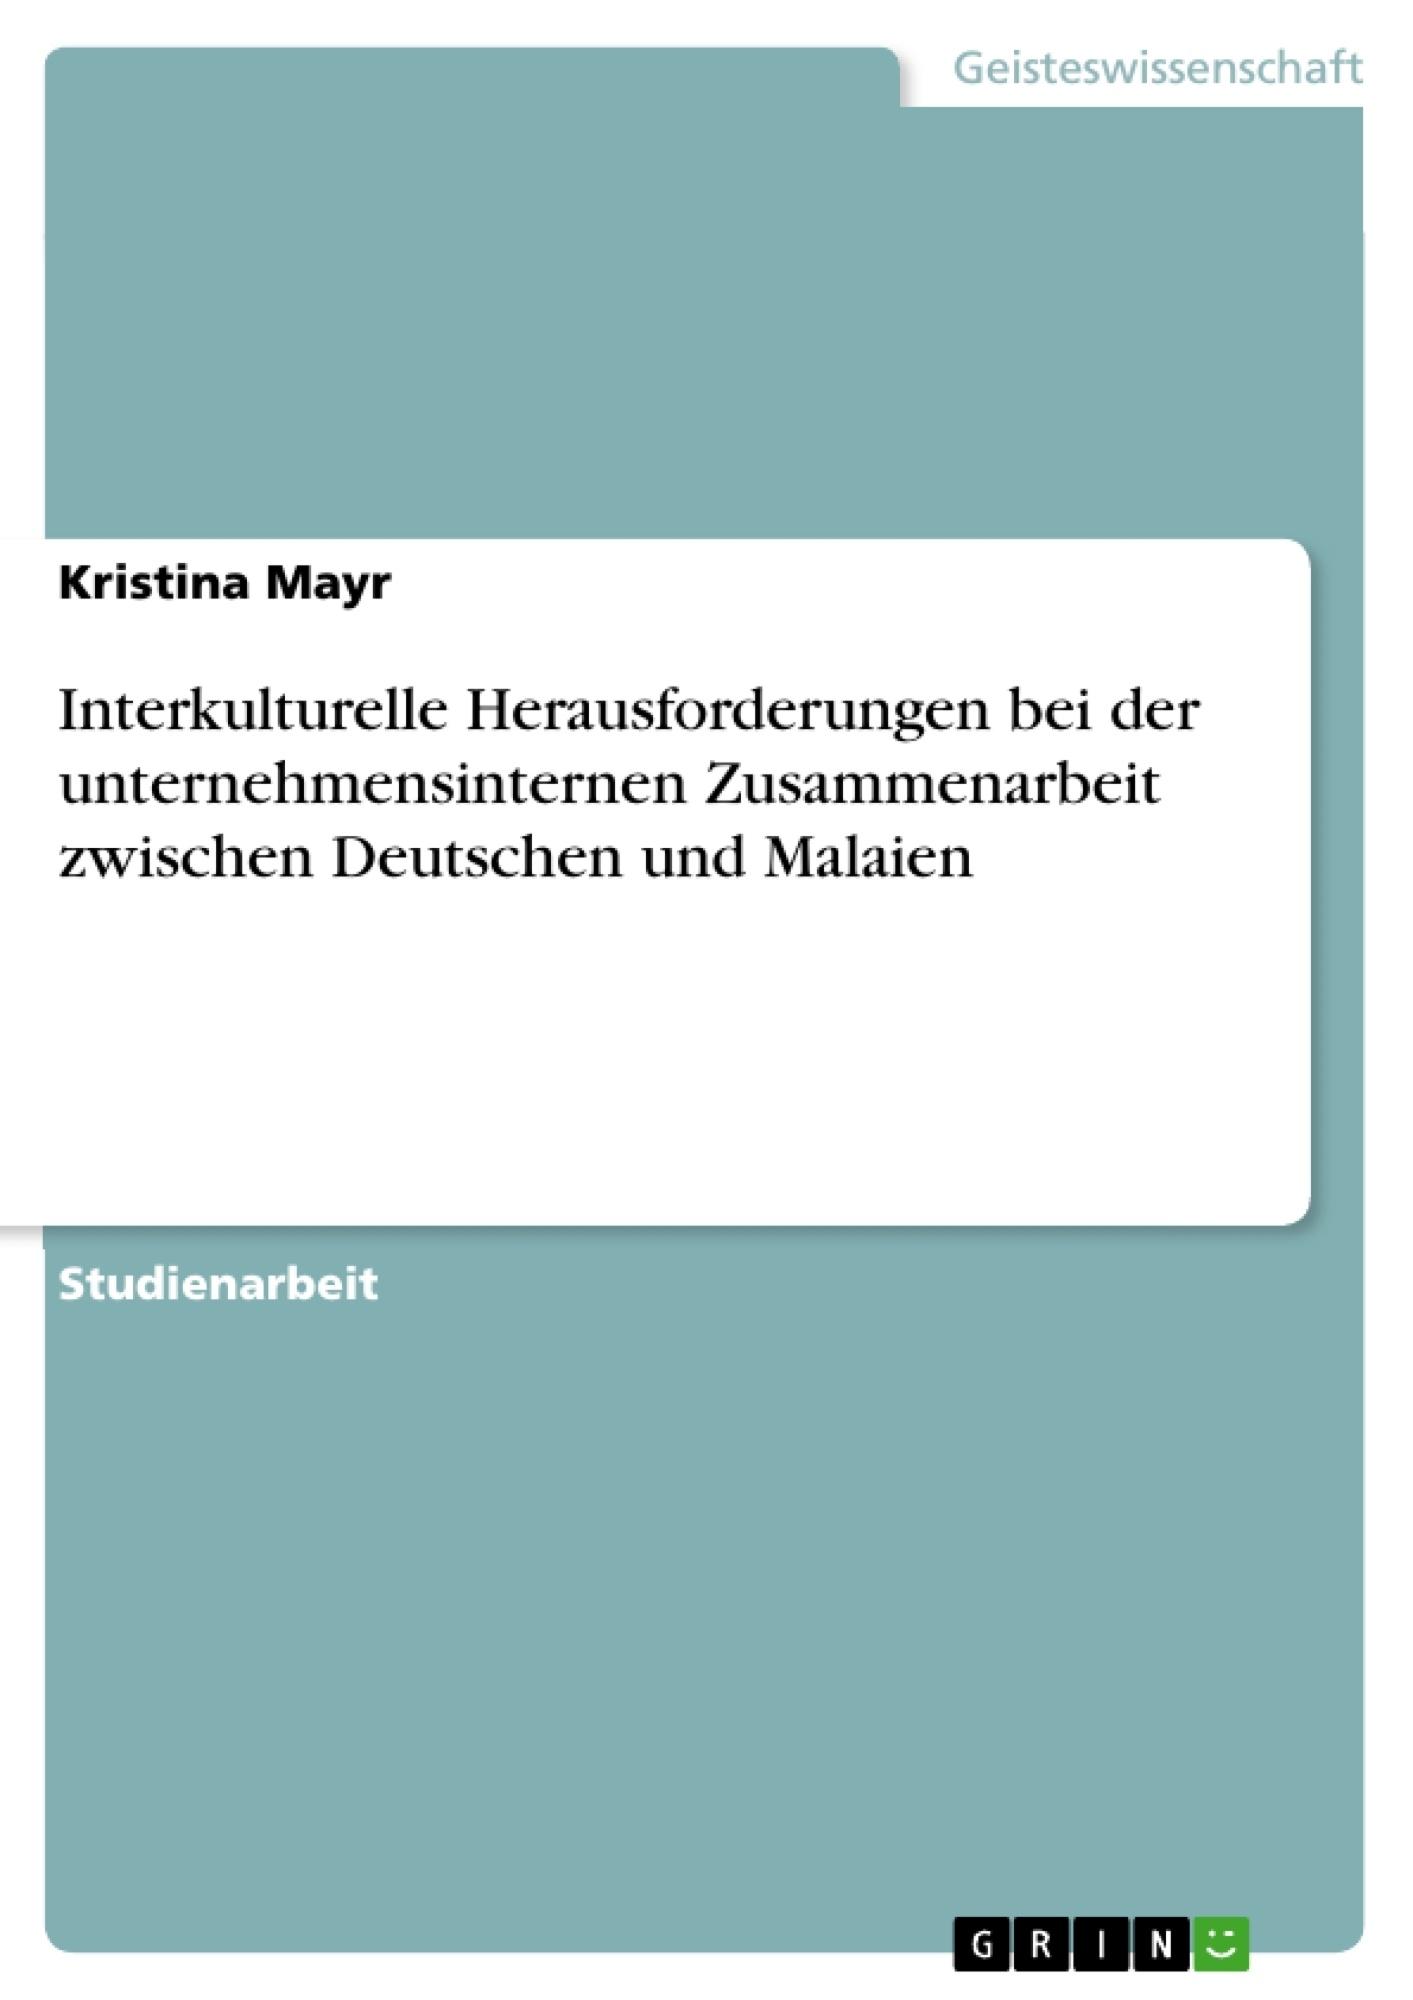 Titel: Interkulturelle Herausforderungen bei der unternehmensinternen Zusammenarbeit zwischen Deutschen und Malaien